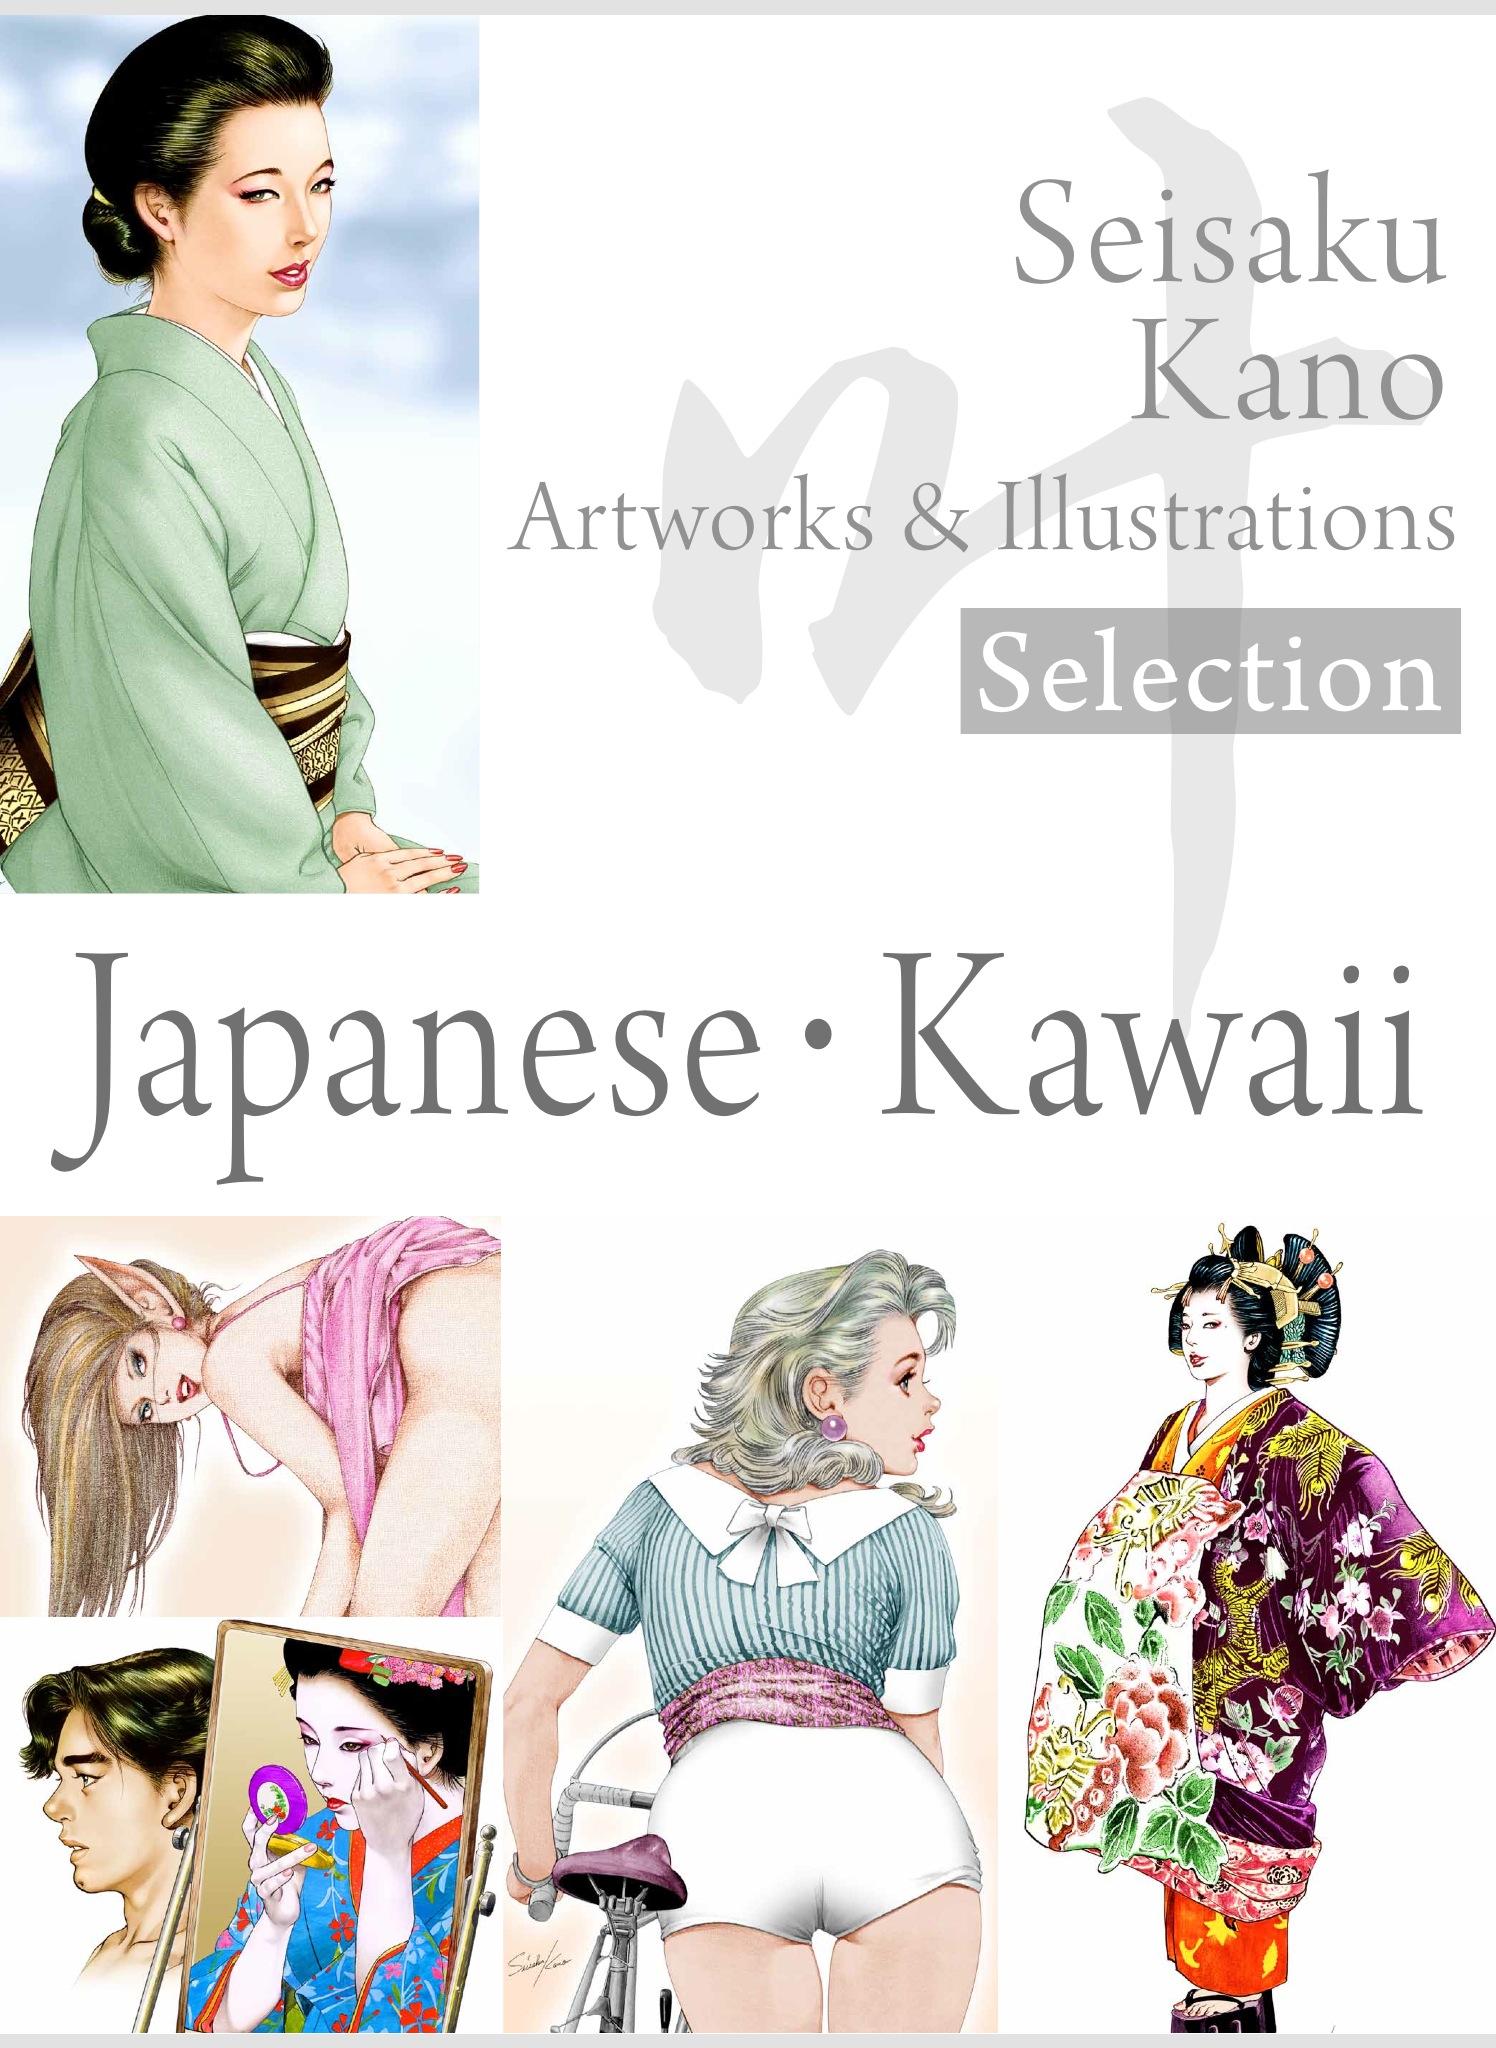 叶精作 作品集①(分冊版 2/3)Seisaku Kano Artworks & illustrations Selection「Japanese・Kawaii」